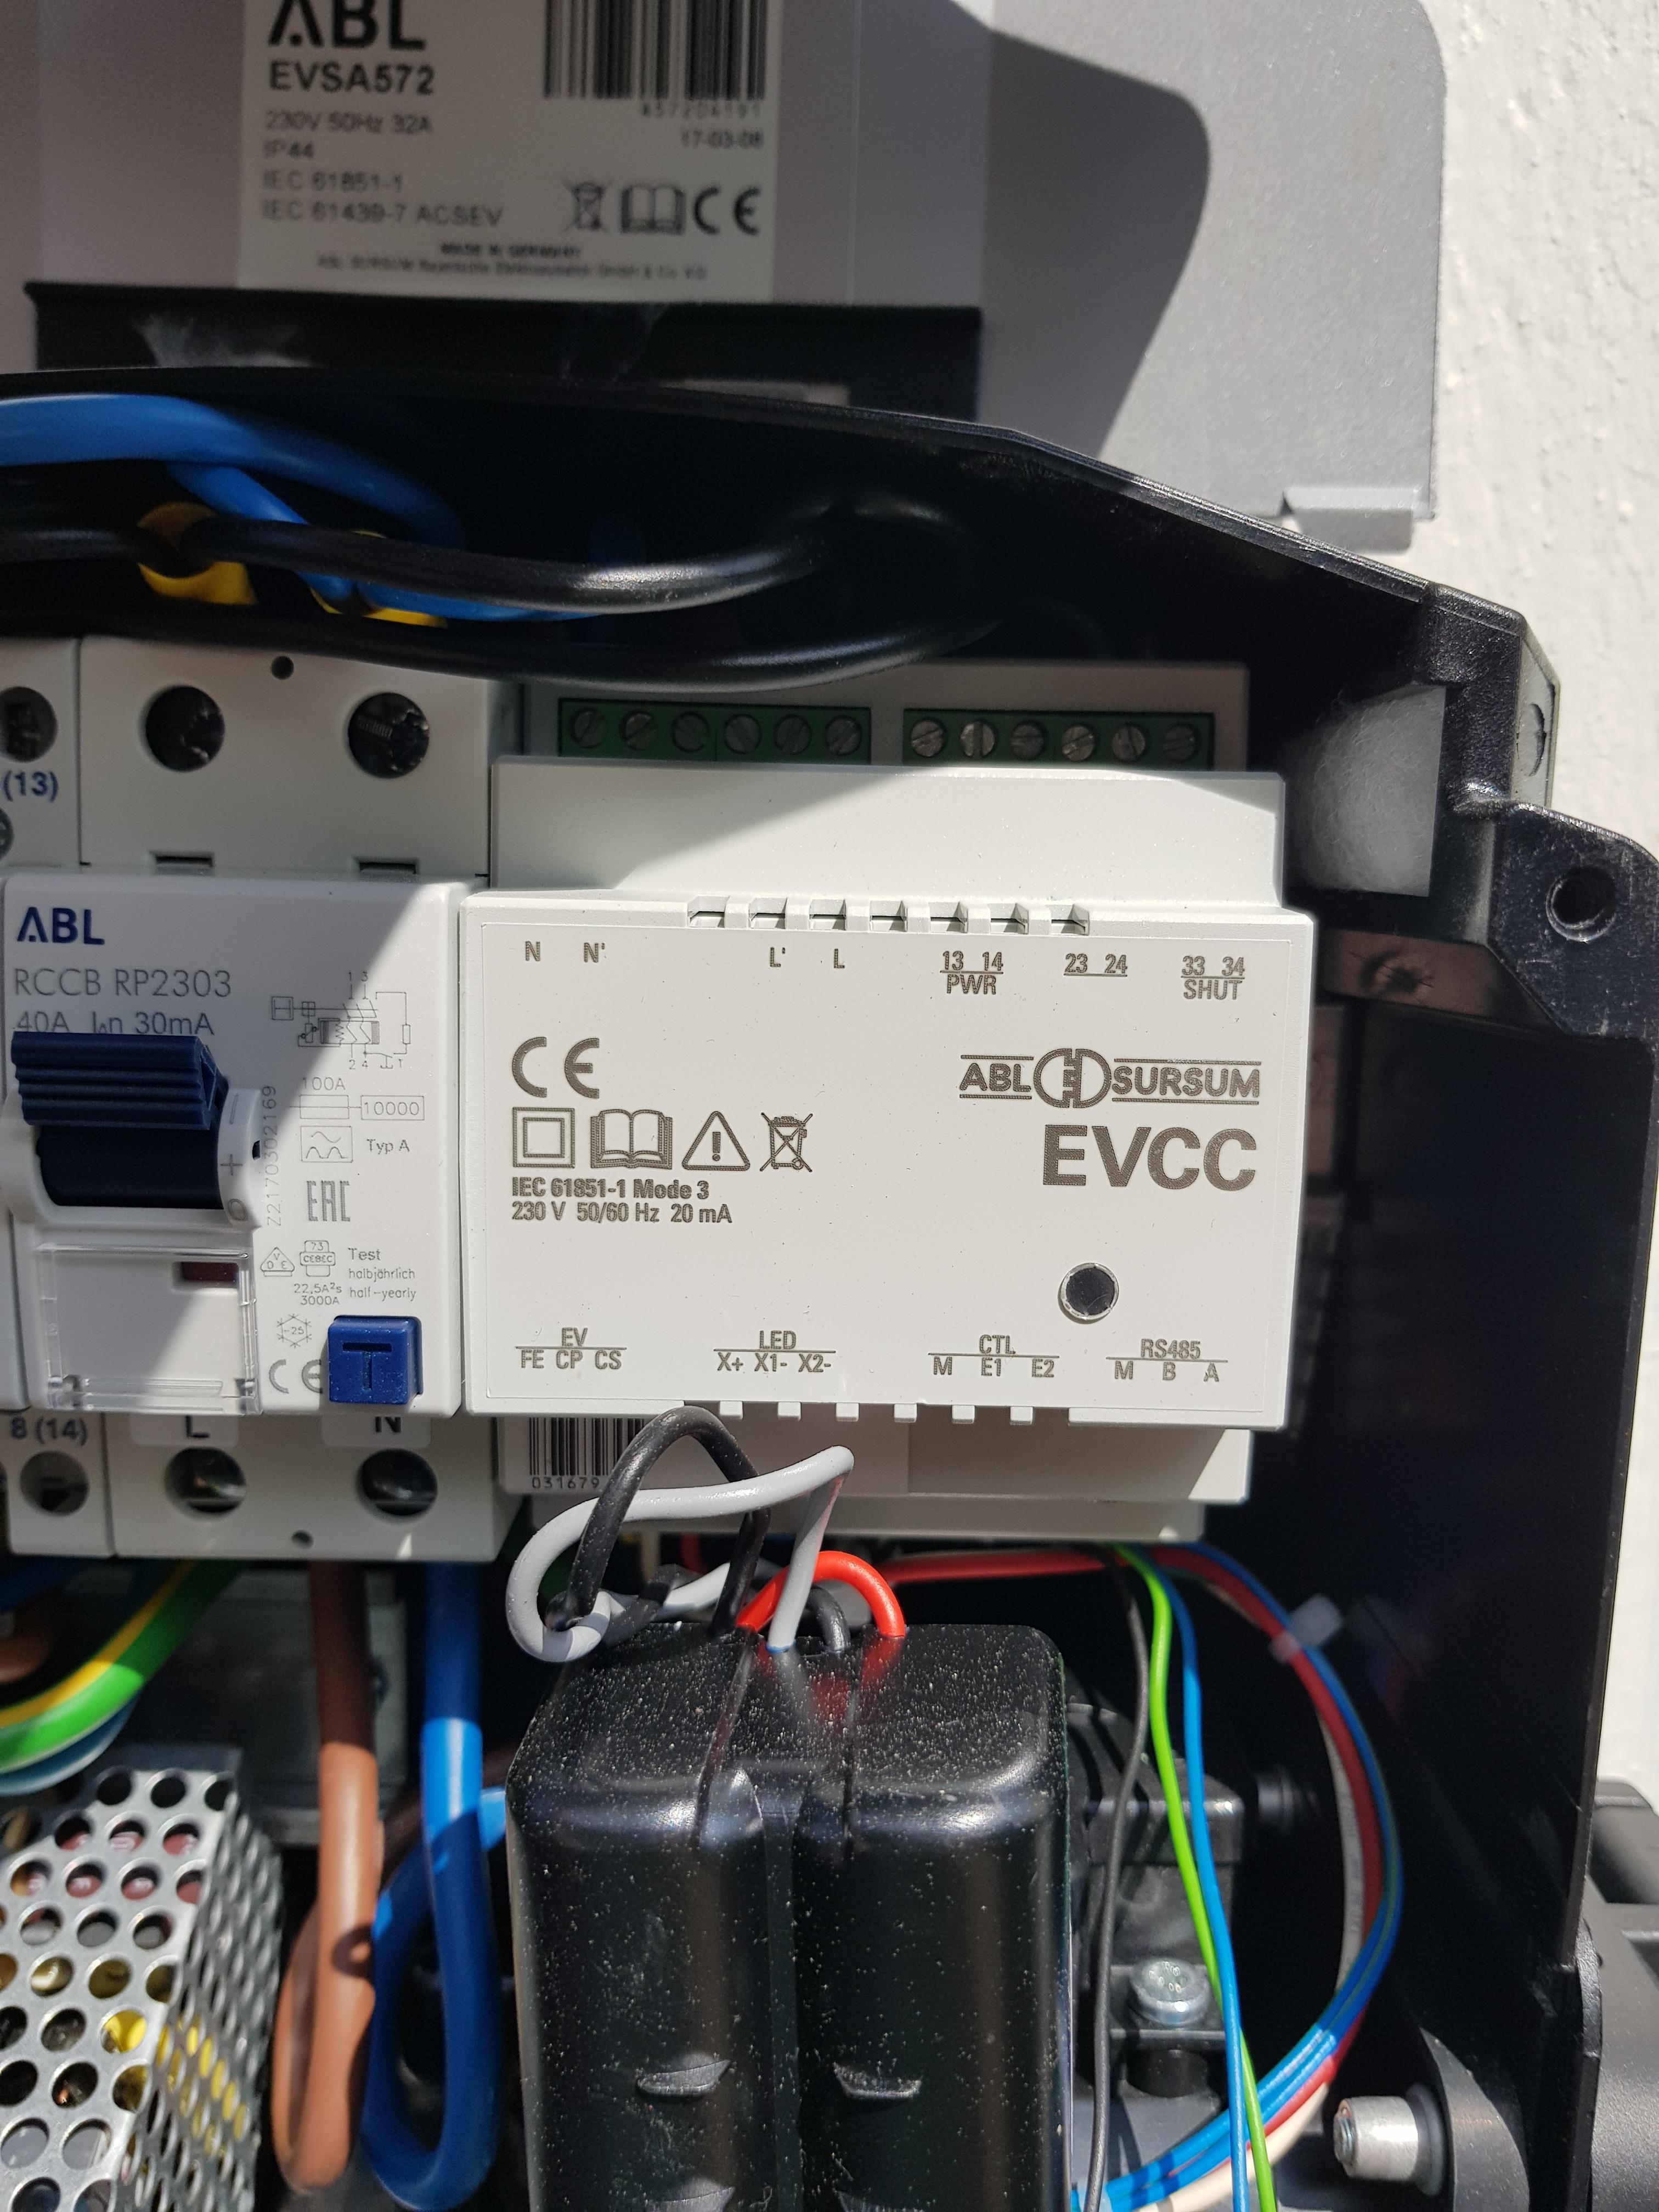 Styre Salto elbilladere Strømsparing og strøm overvåkning